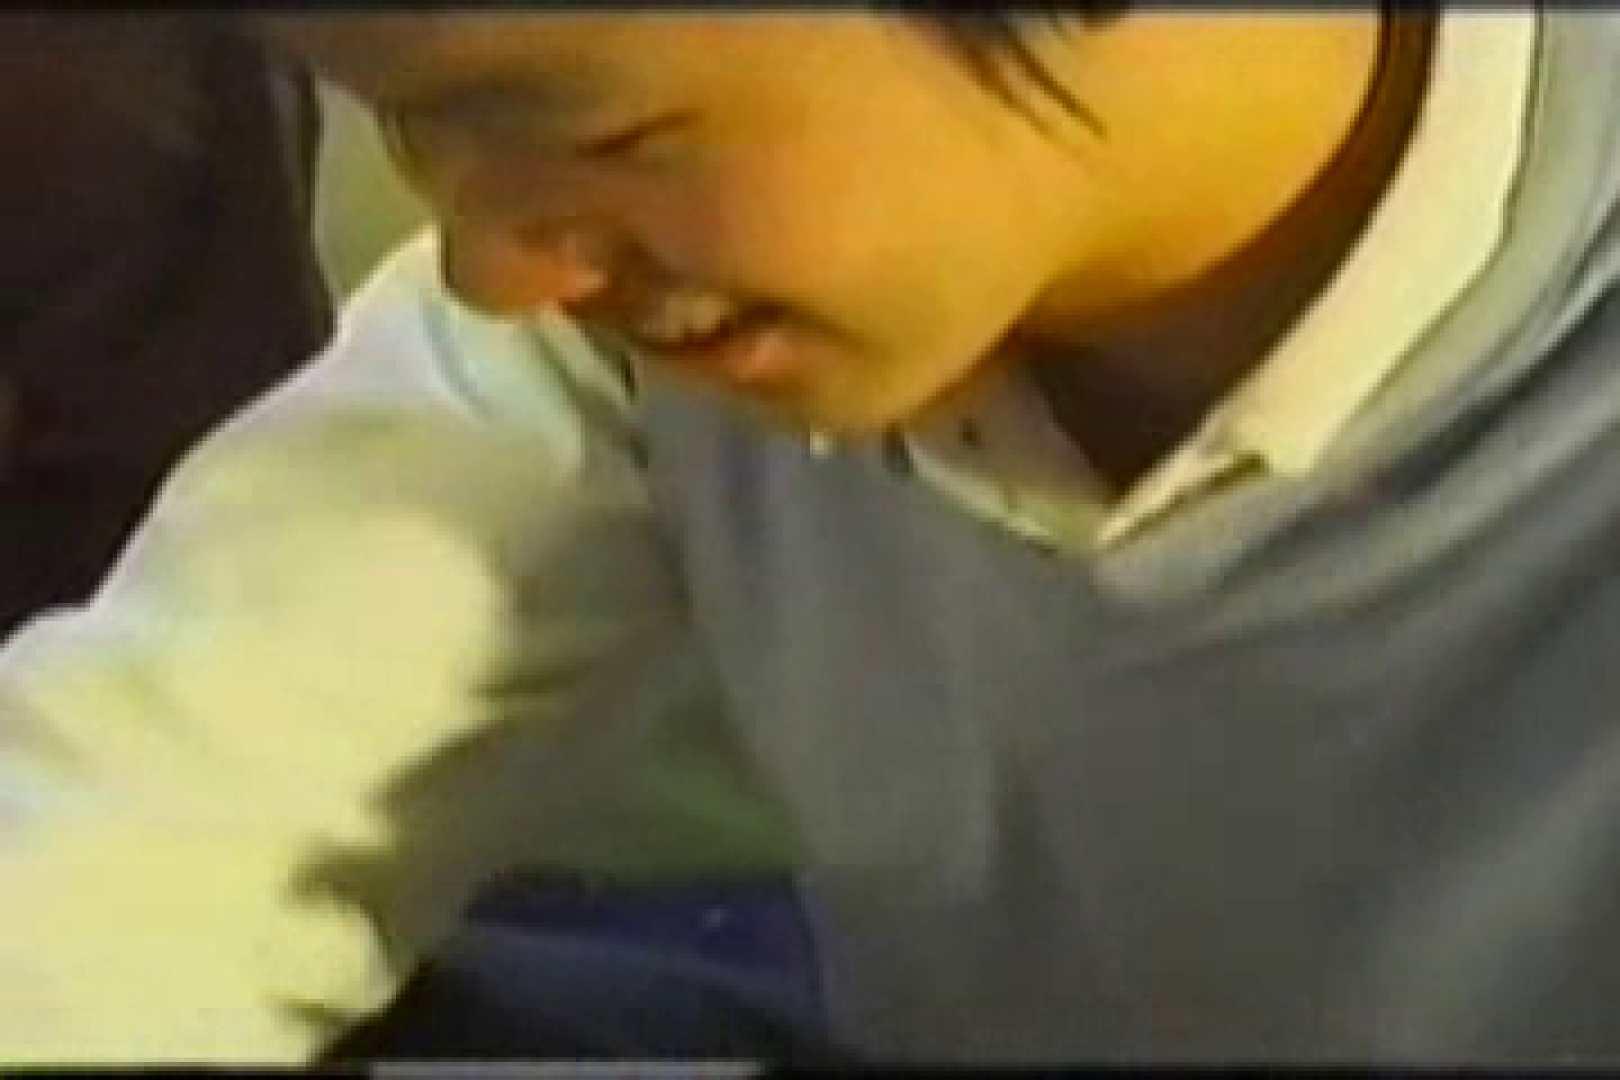 【流出】若者たちの集い 連結フェラ ゲイヌード画像 77pic 13